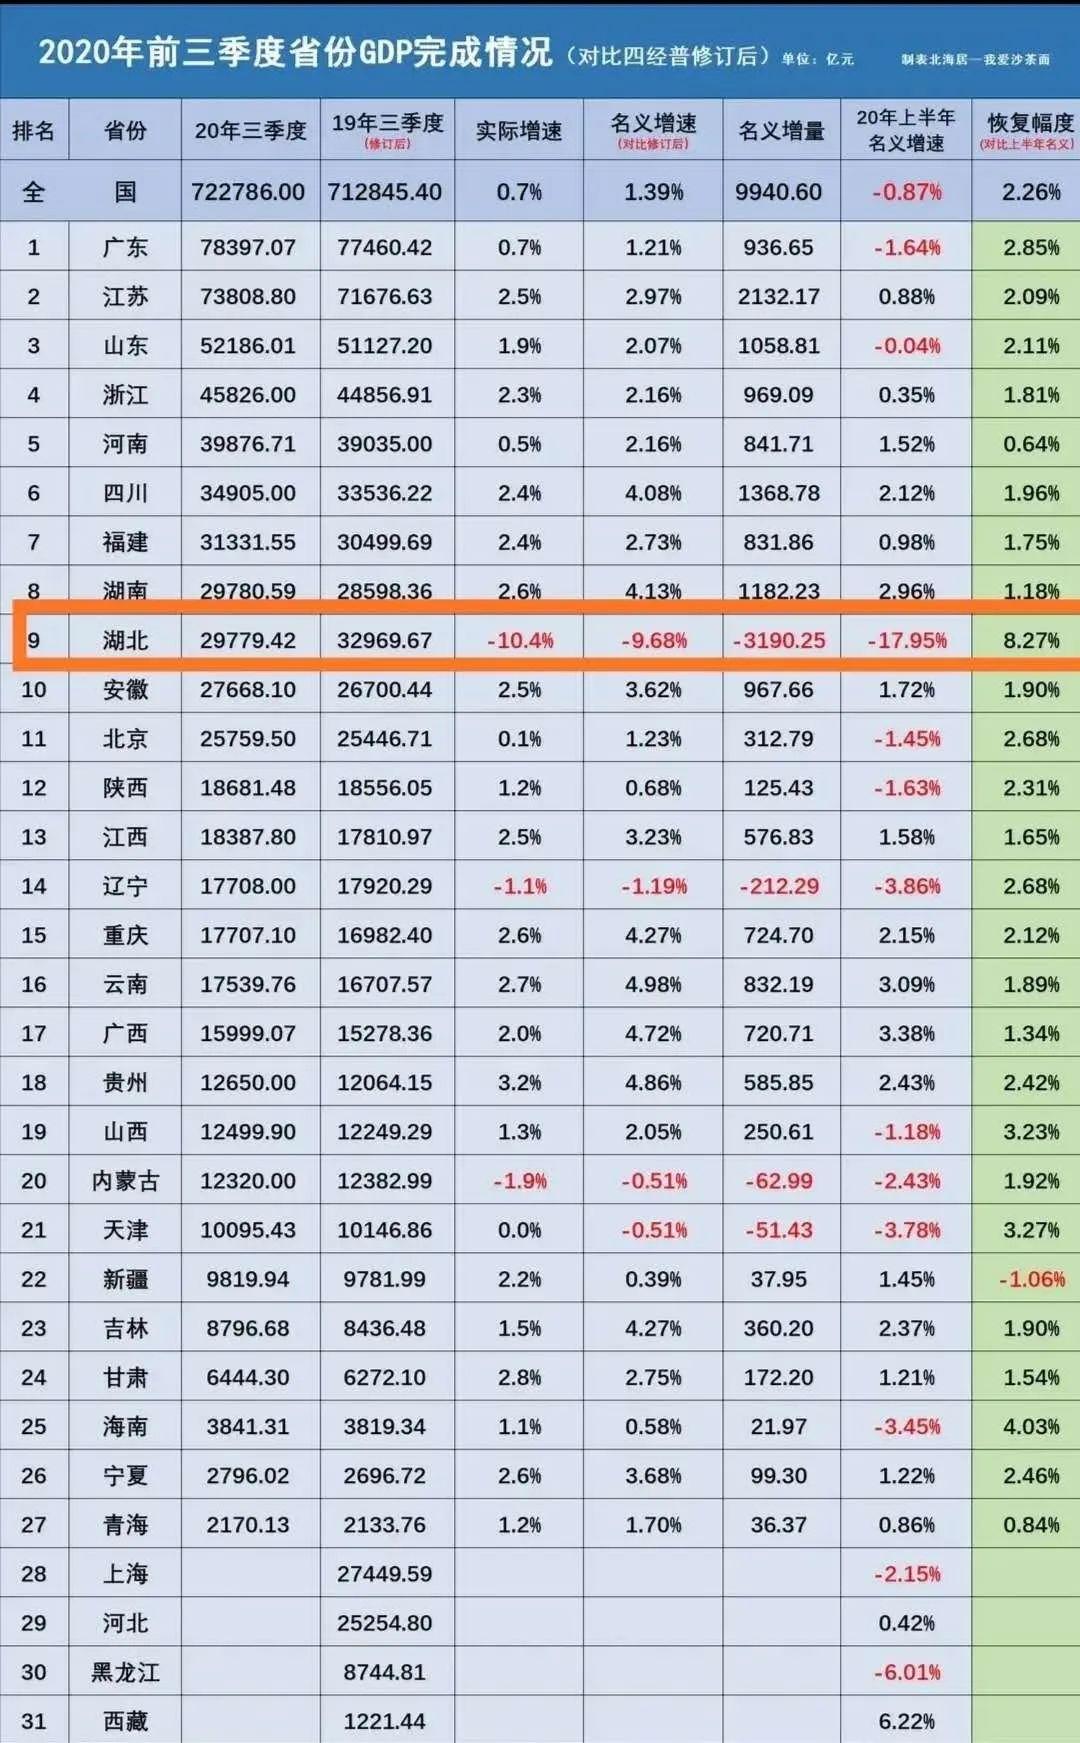 增速前三均为西部省份,中国经济开启强势西移?